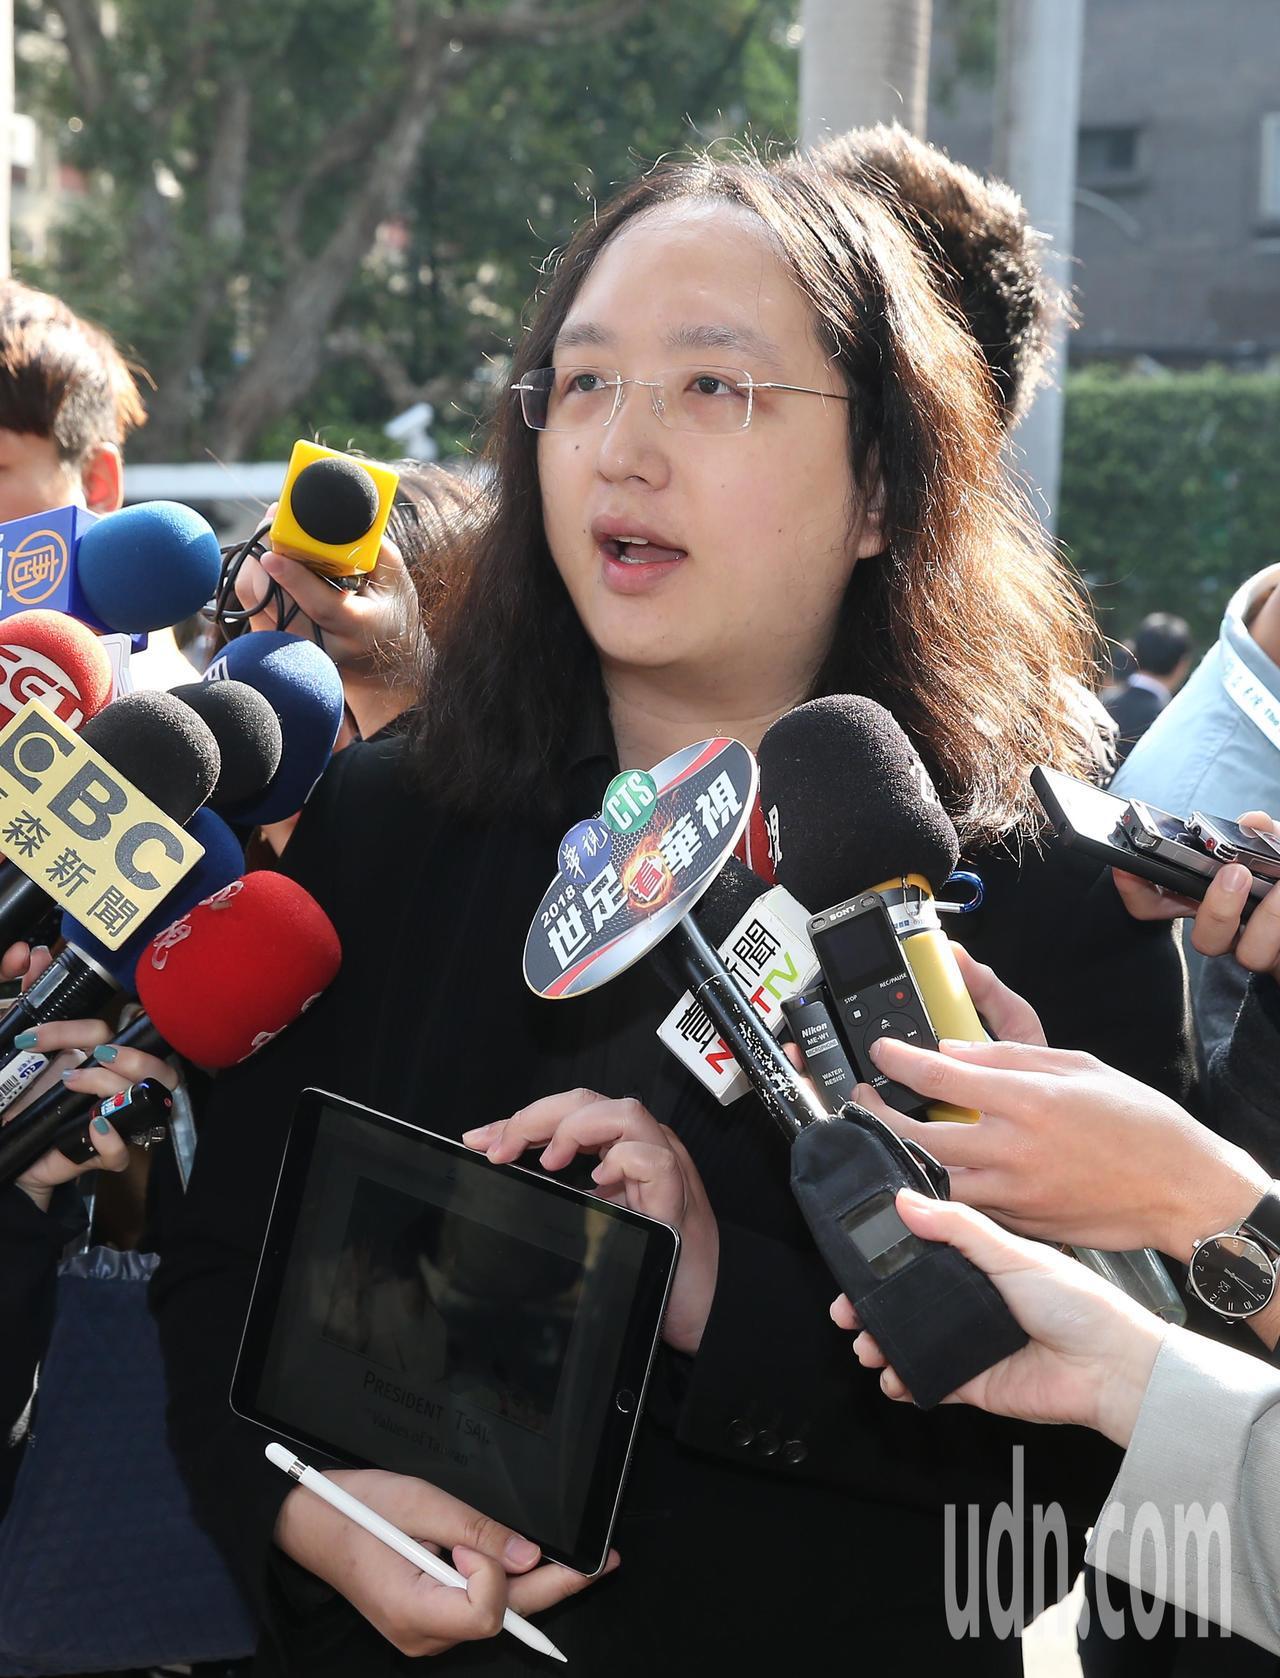 唐鳳上午在立法院受訪表示,她的演說是關於台灣民主,相信任何實質對話或一起做的活動...